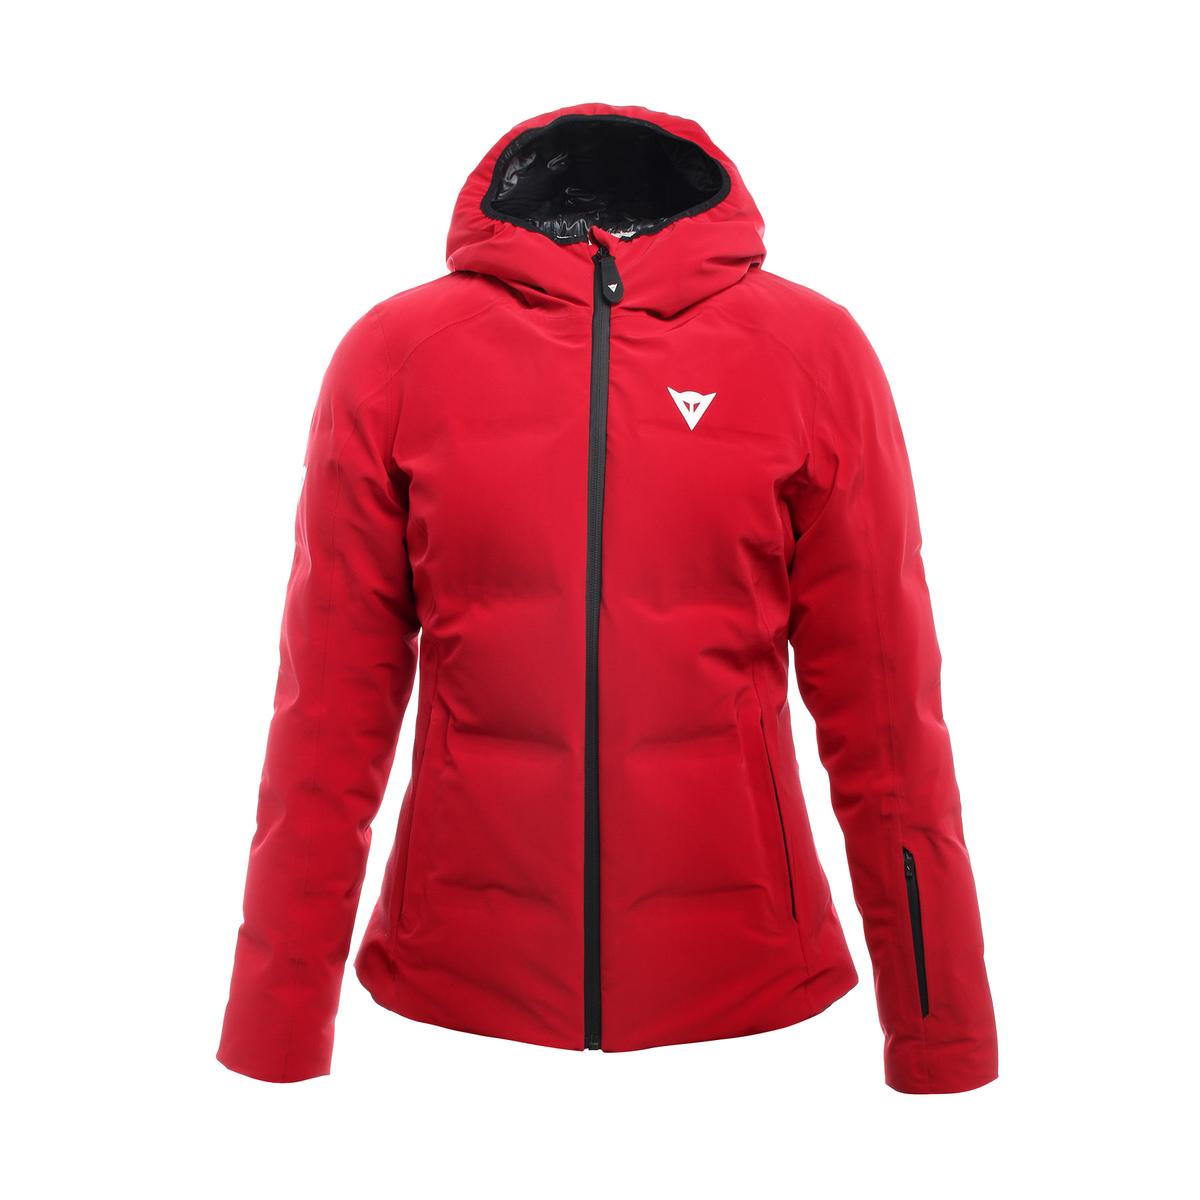 Prezzi Dainese giacca SKI DOWNJACKET 2.0 donna